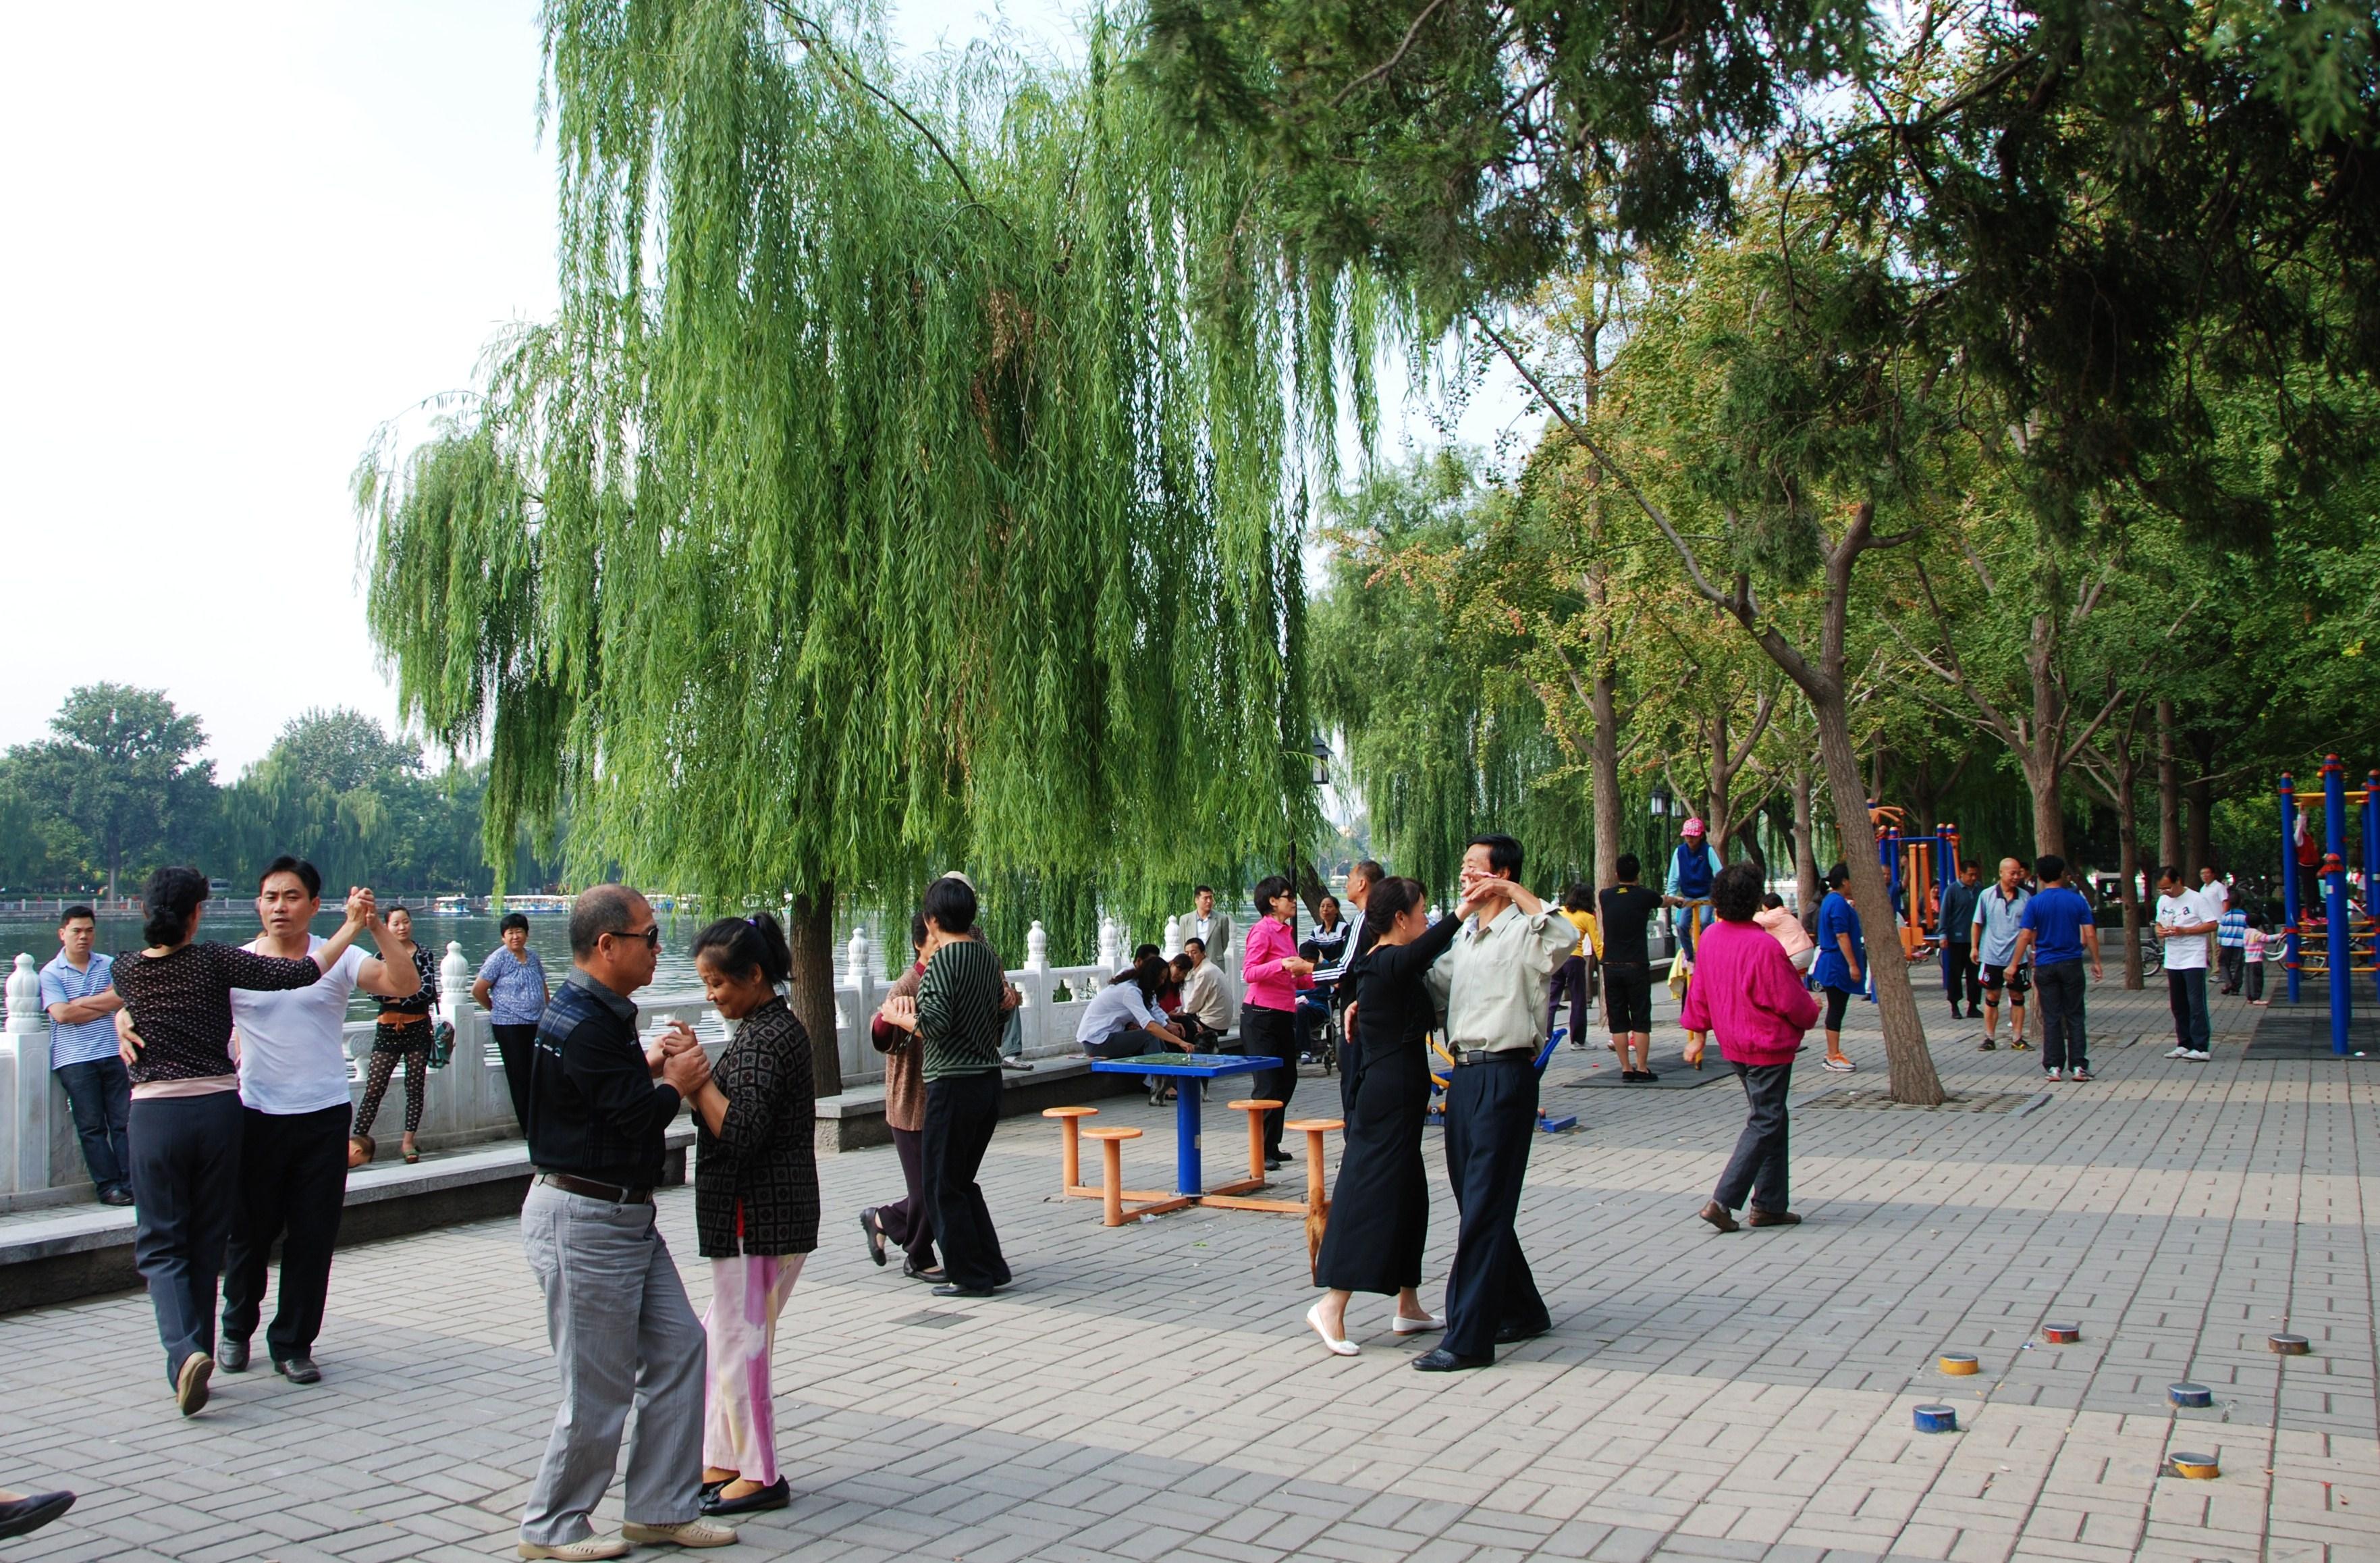 Dansen en sporten in het park